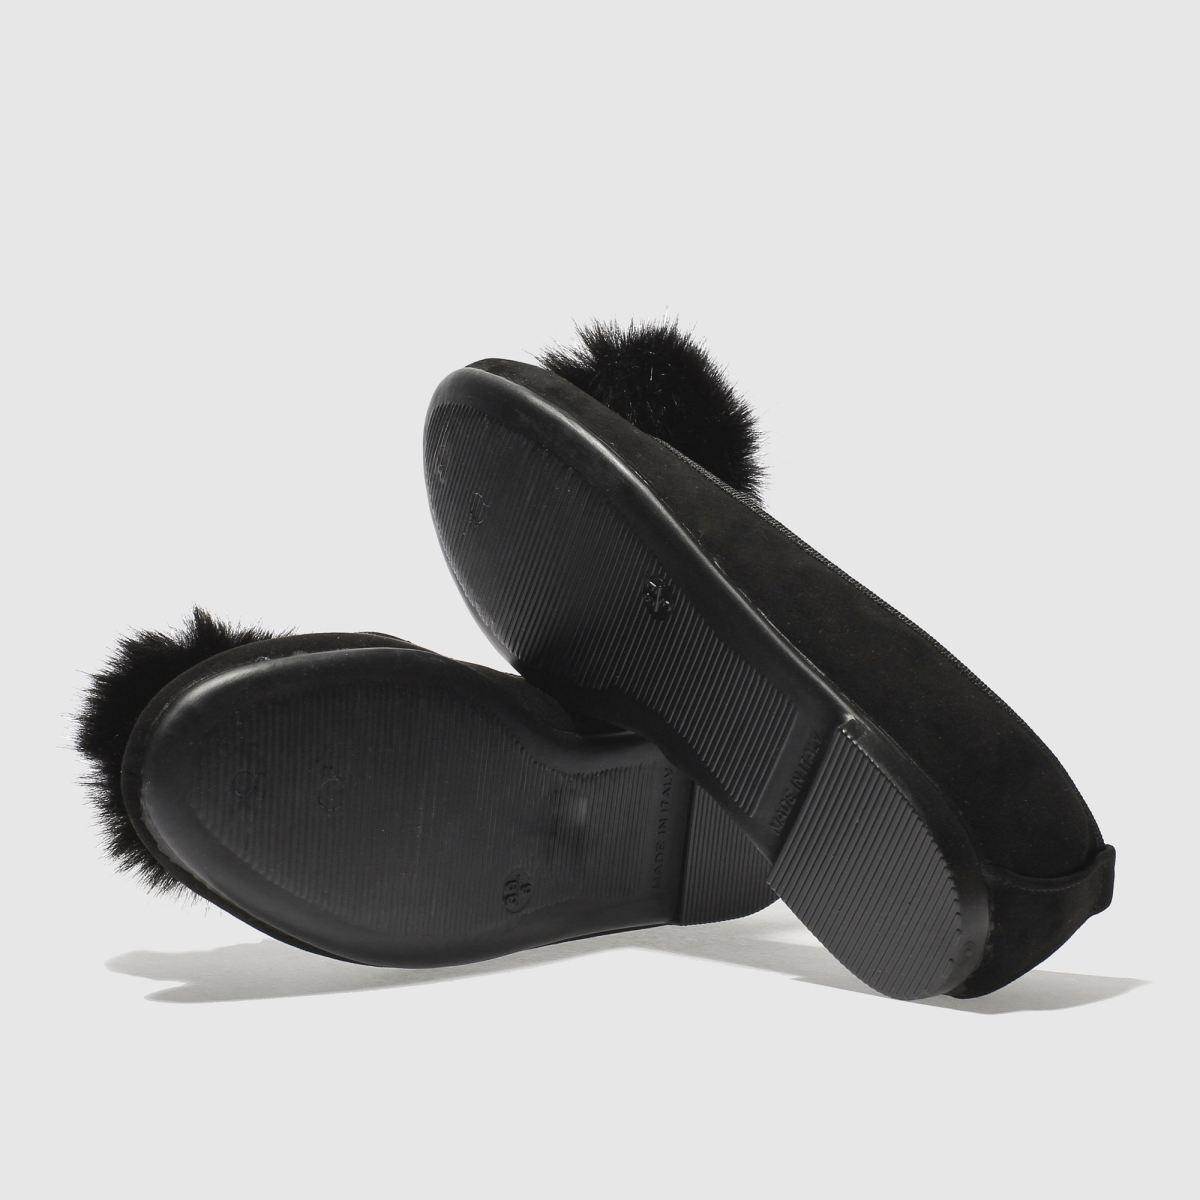 Damen schuh Schwarz schuh Prima Flats | schuh Damen Gute Qualität beliebte Schuhe ff71d2